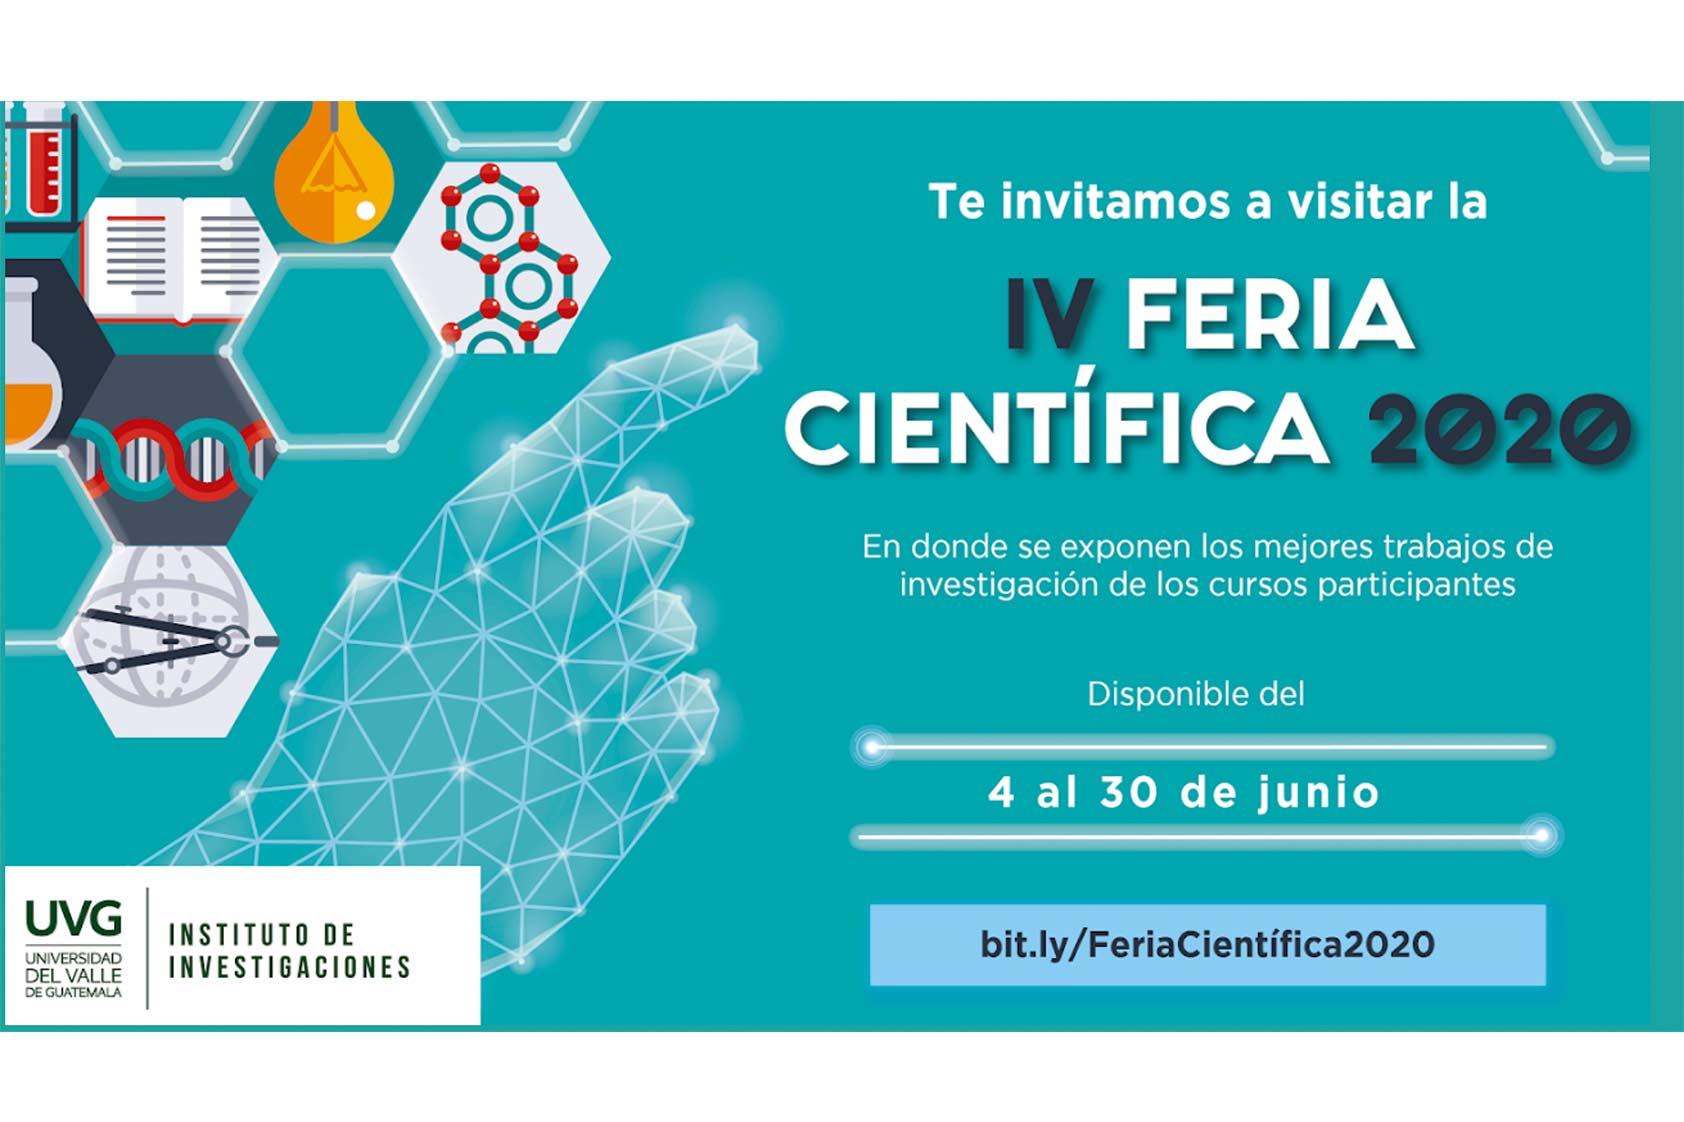 III Feria Científica: ¡En UVG nos apasionamos por la investigación!